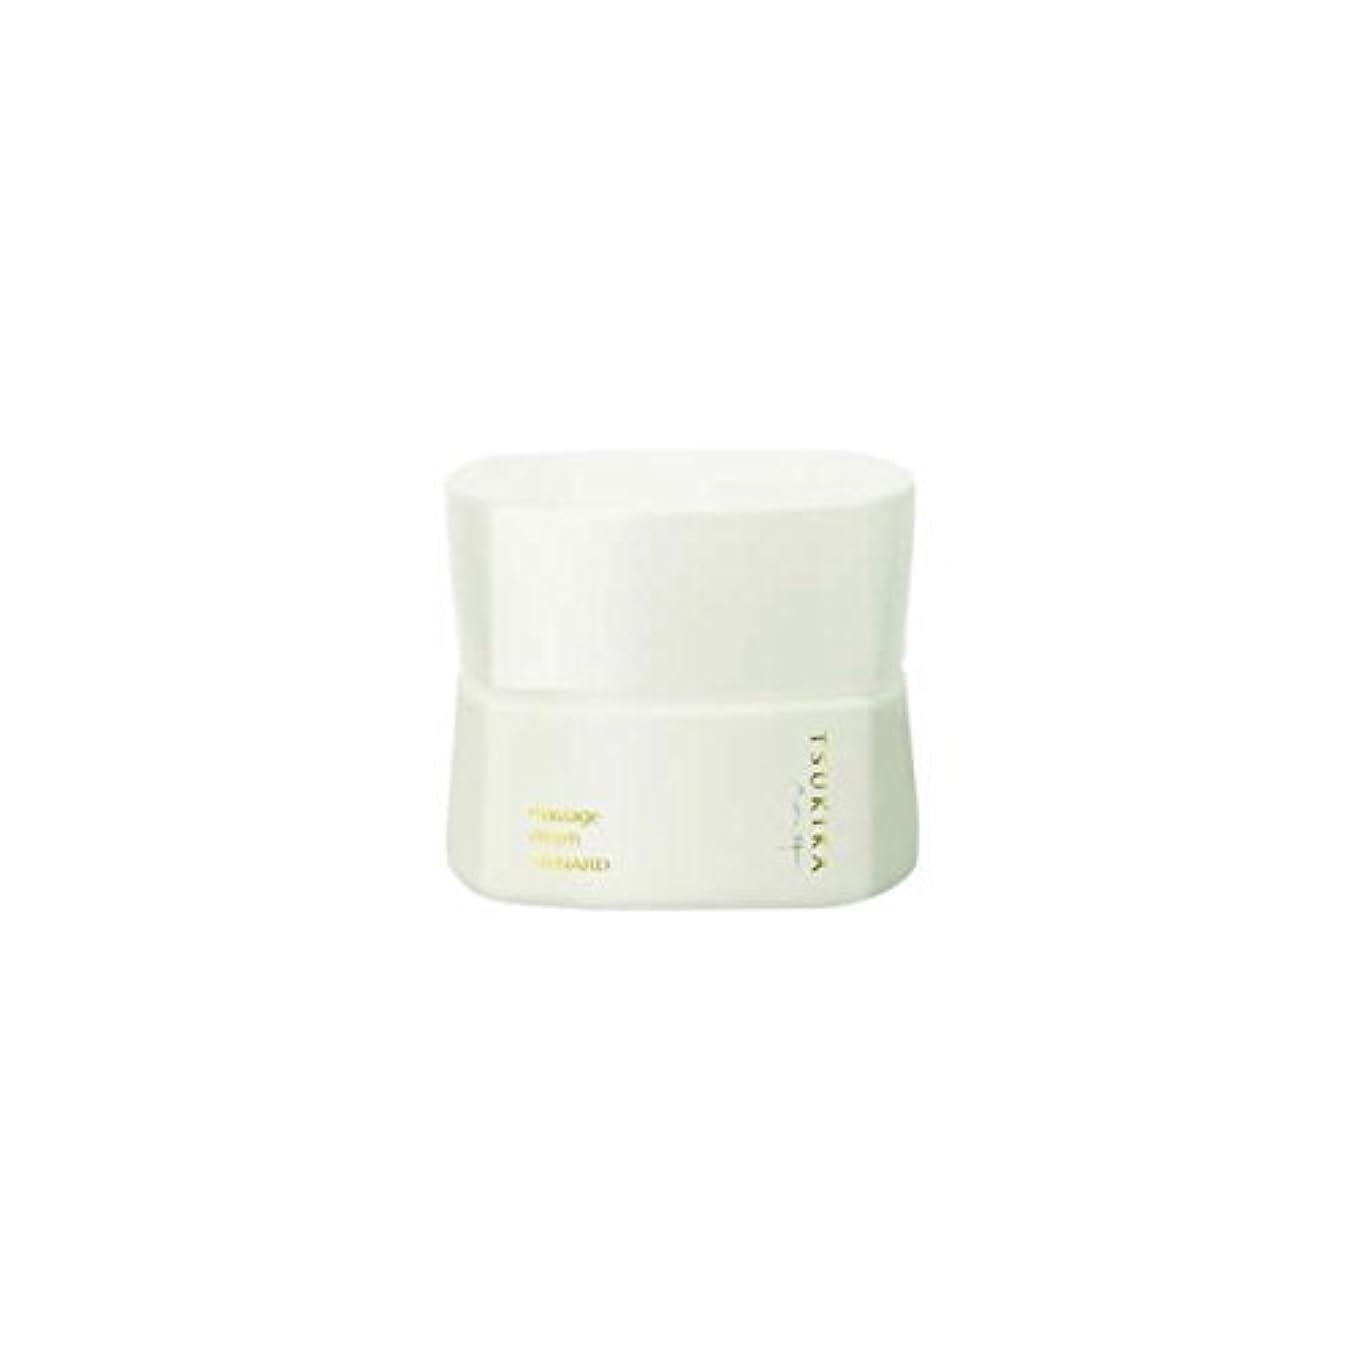 見かけ上ブラスト物質メナード つき華 マッサージクリームA 80g (無香料)